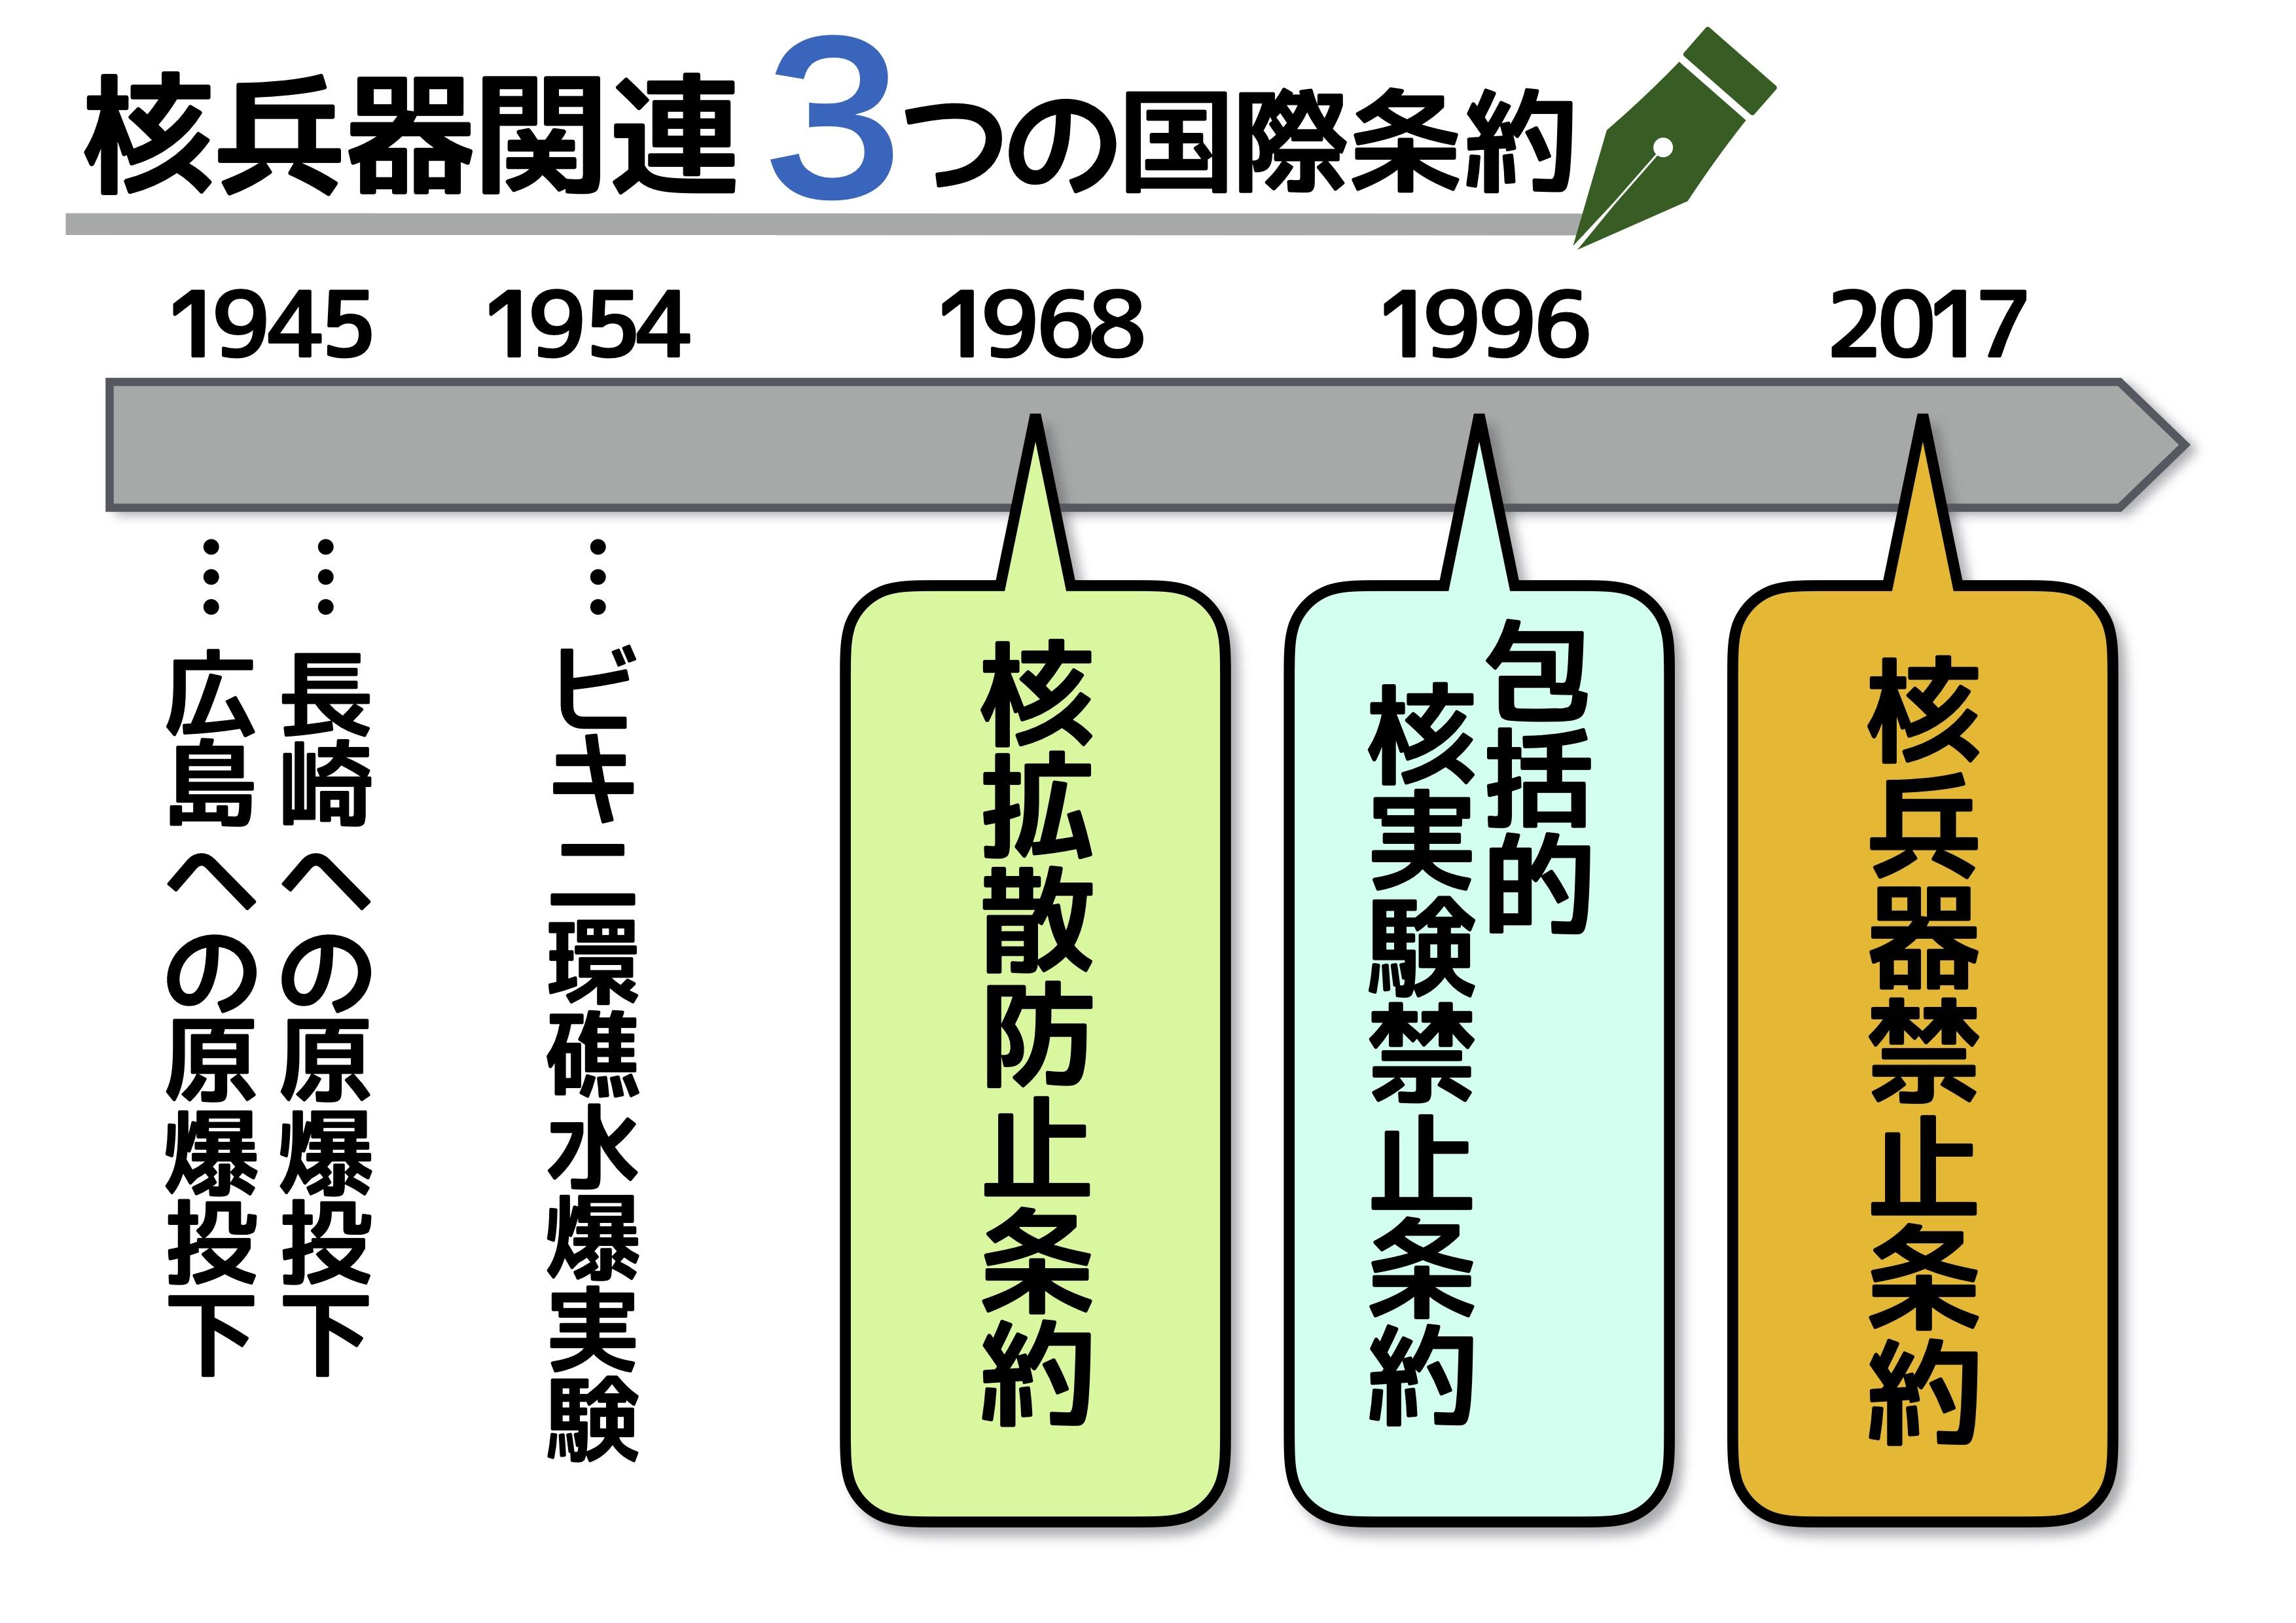 禁止 条約 核兵器